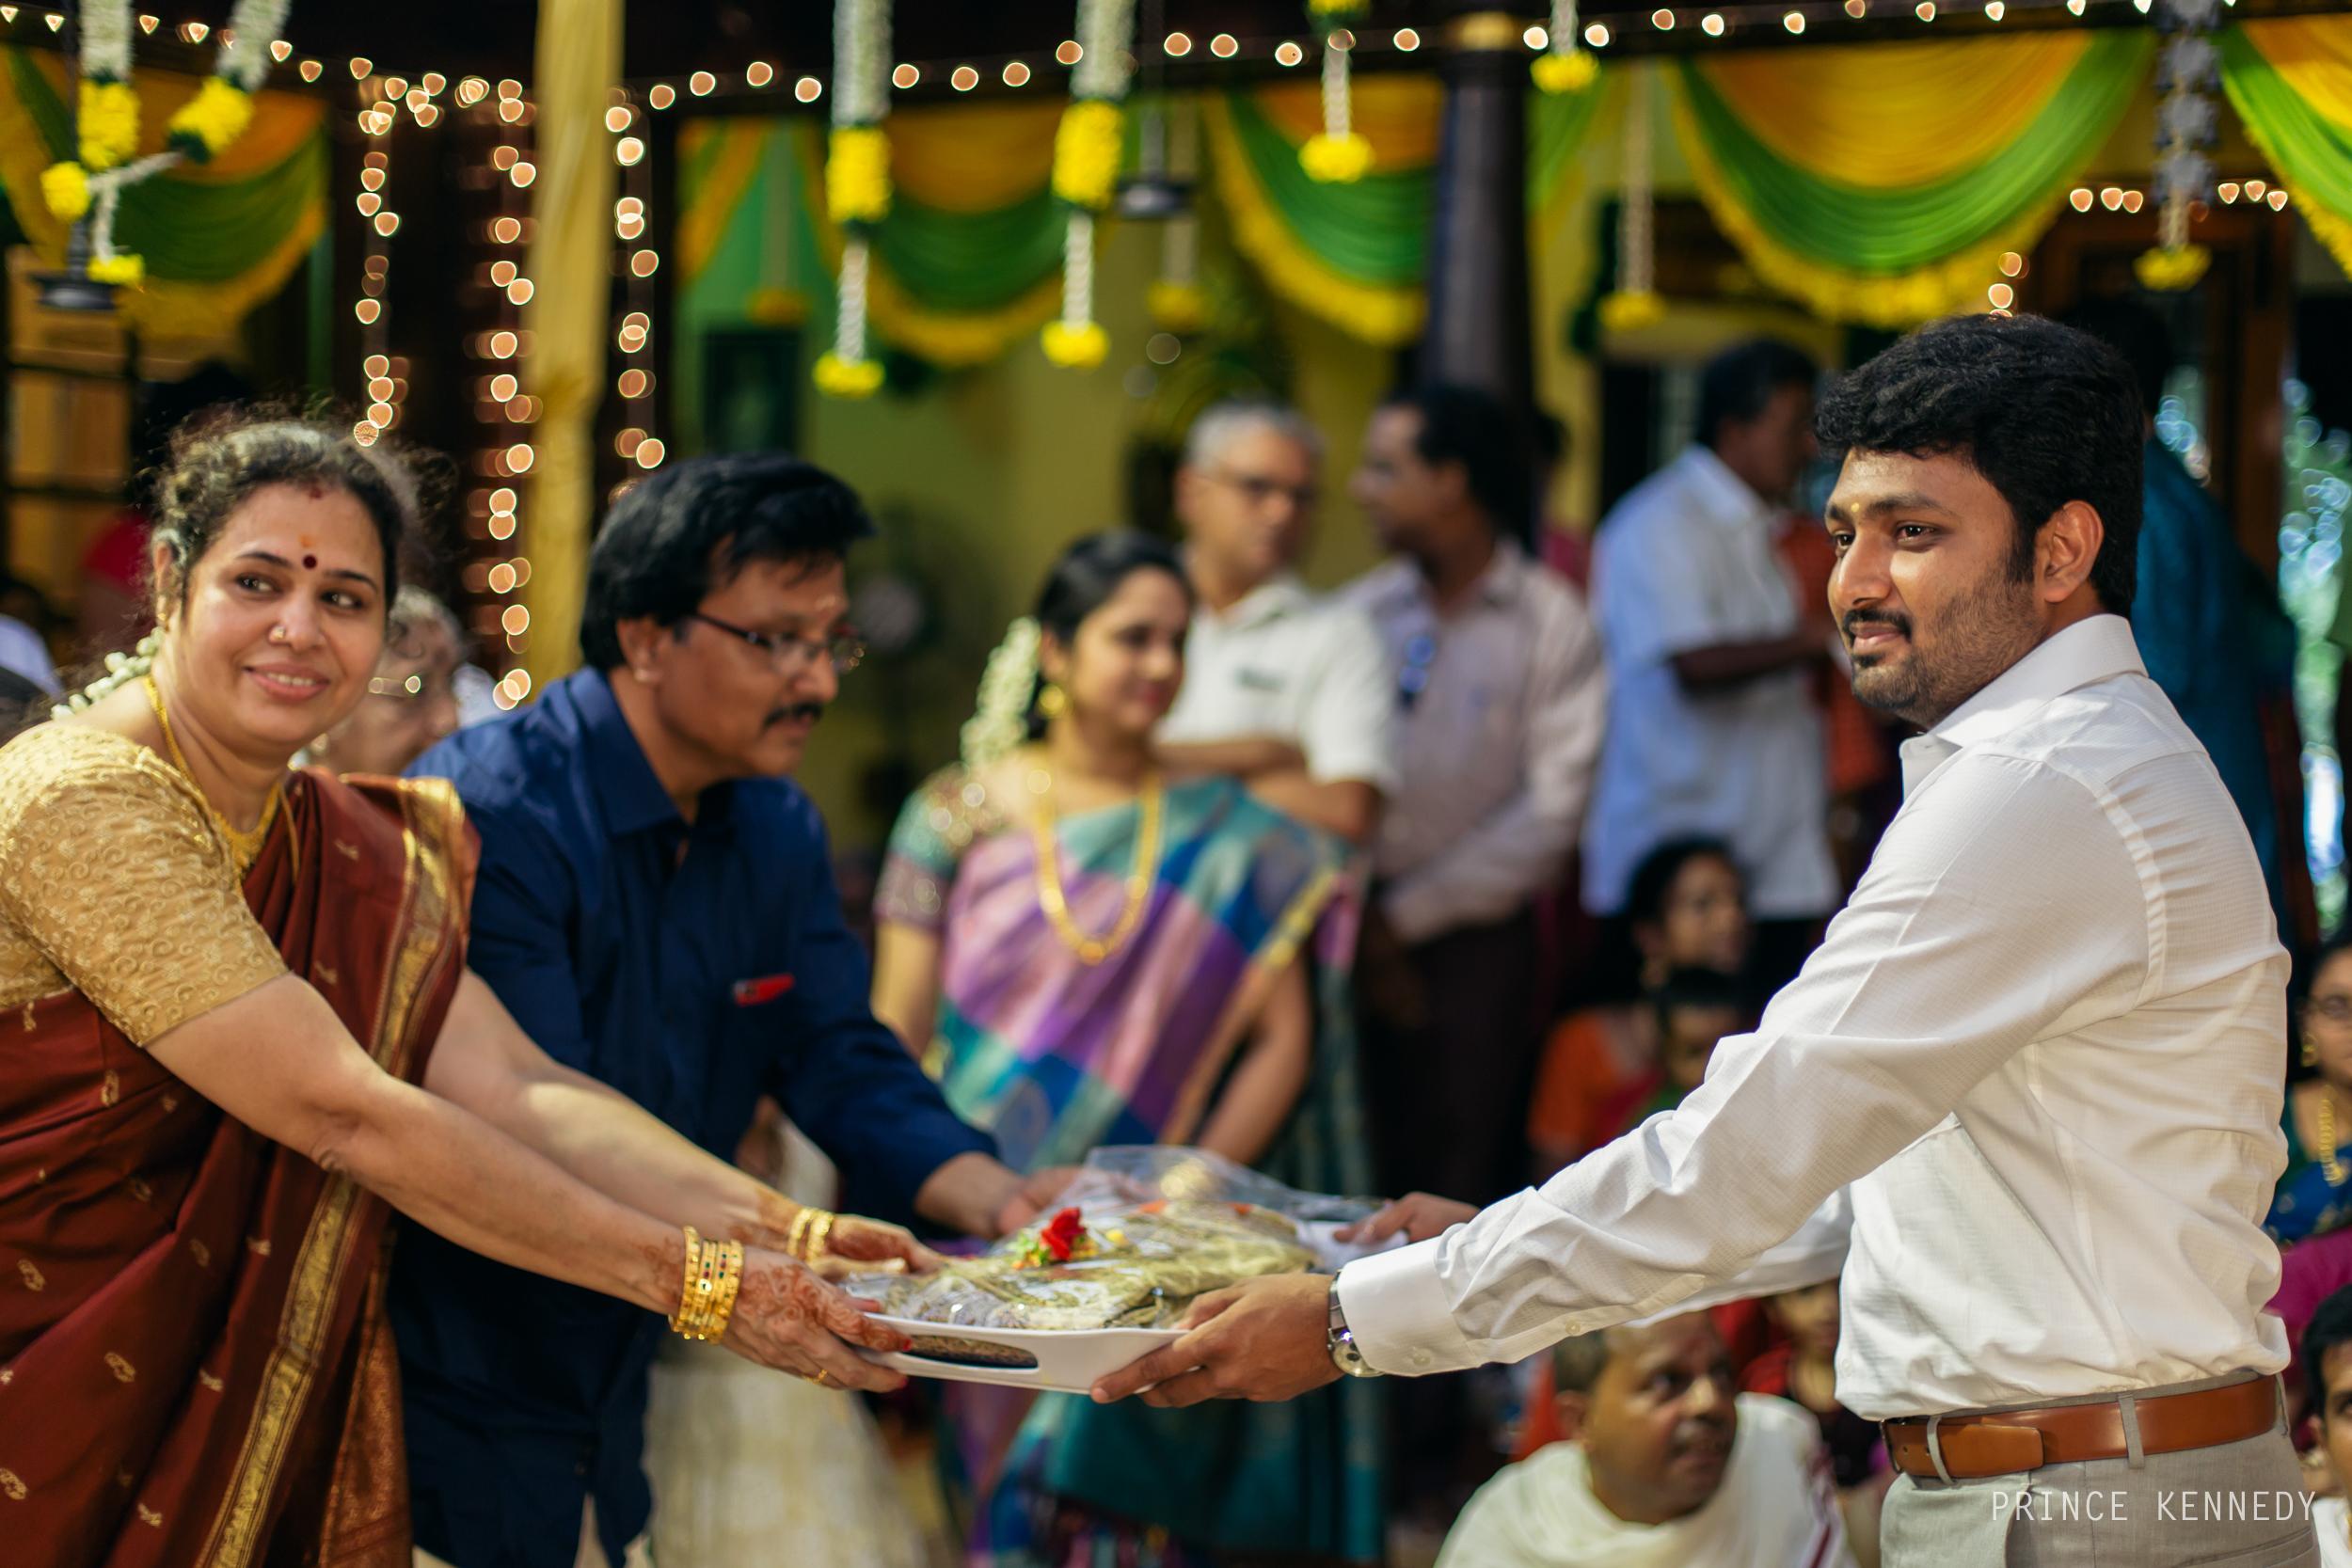 Engagement-Couple-Portrait-Portraiture-Wedding-Couple-Portrait-Chennai-Photographer-Candid-Photography-Destination-Best-Prince-Kennedy-Photography-125.jpg